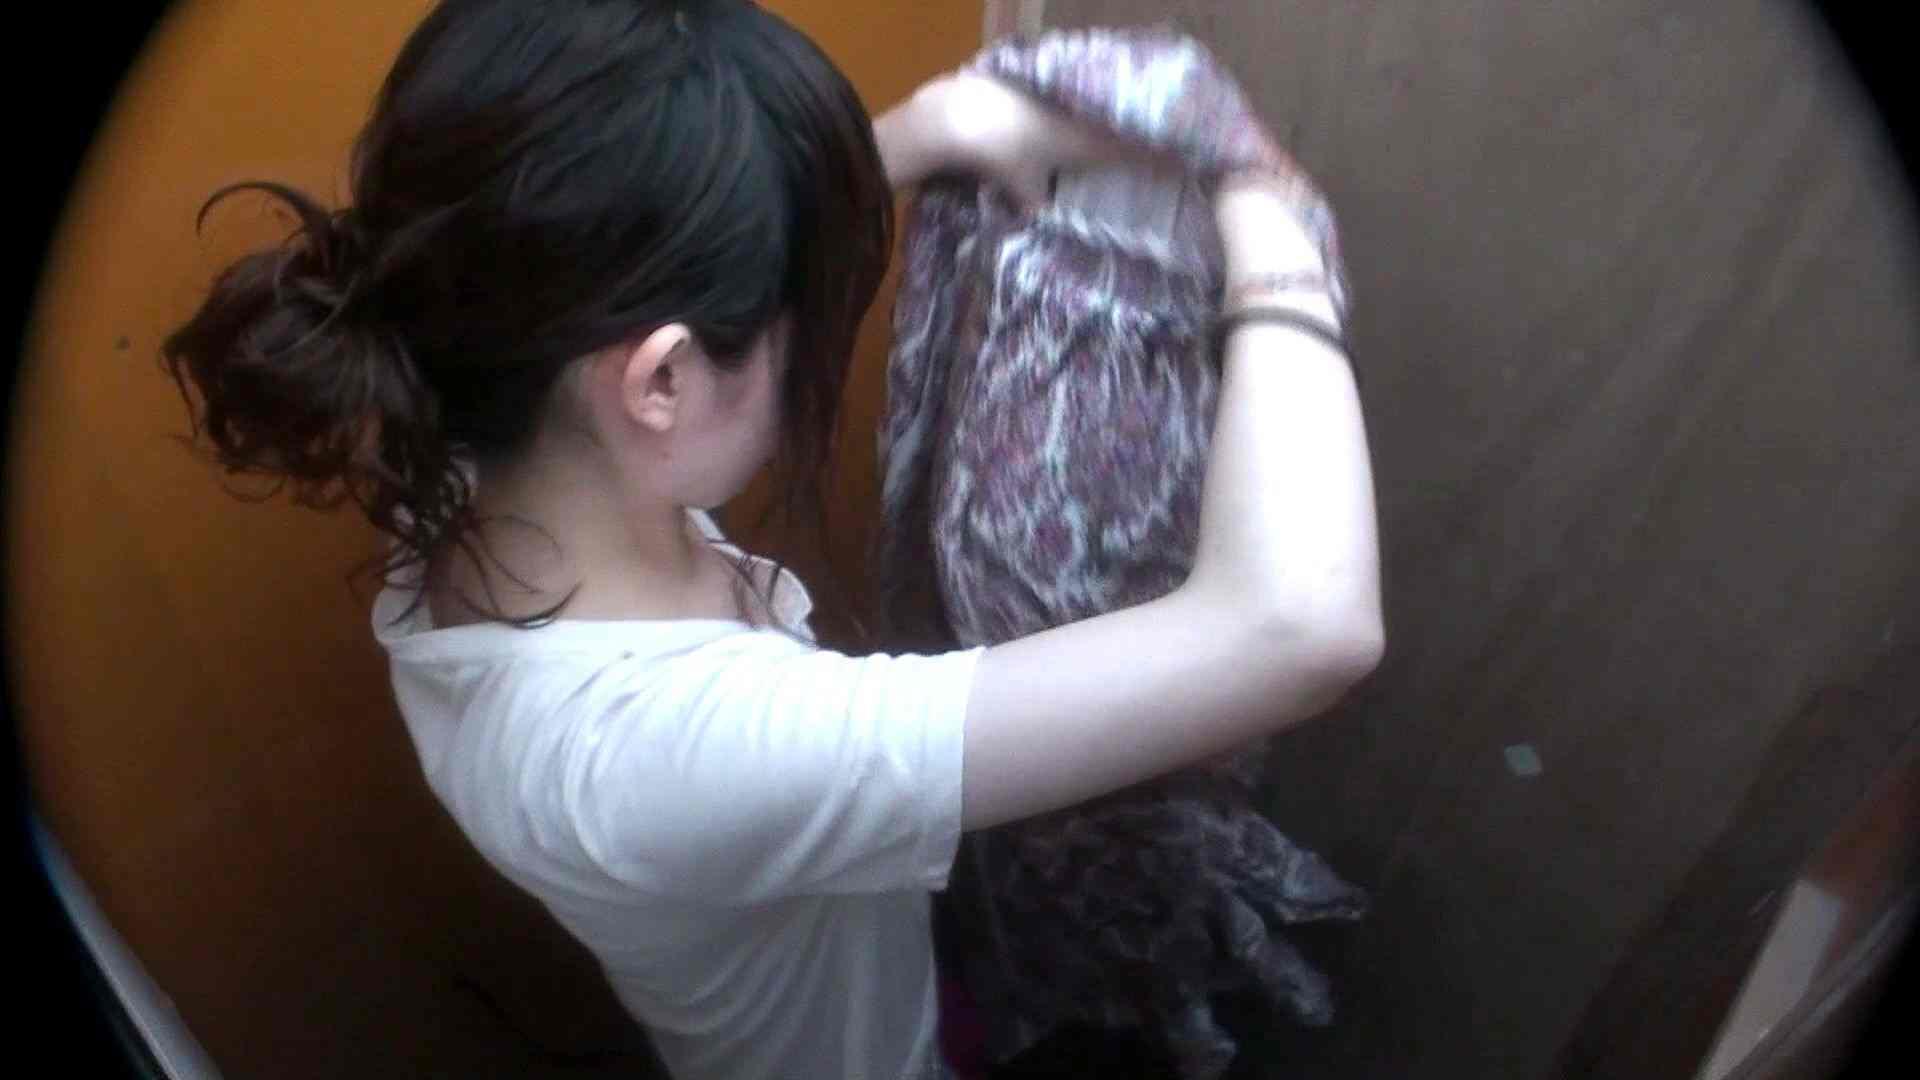 シャワールームは超!!危険な香りVol.29 こっちを向いて欲しい貧乳姉さん 脱衣所の着替え  85画像 8